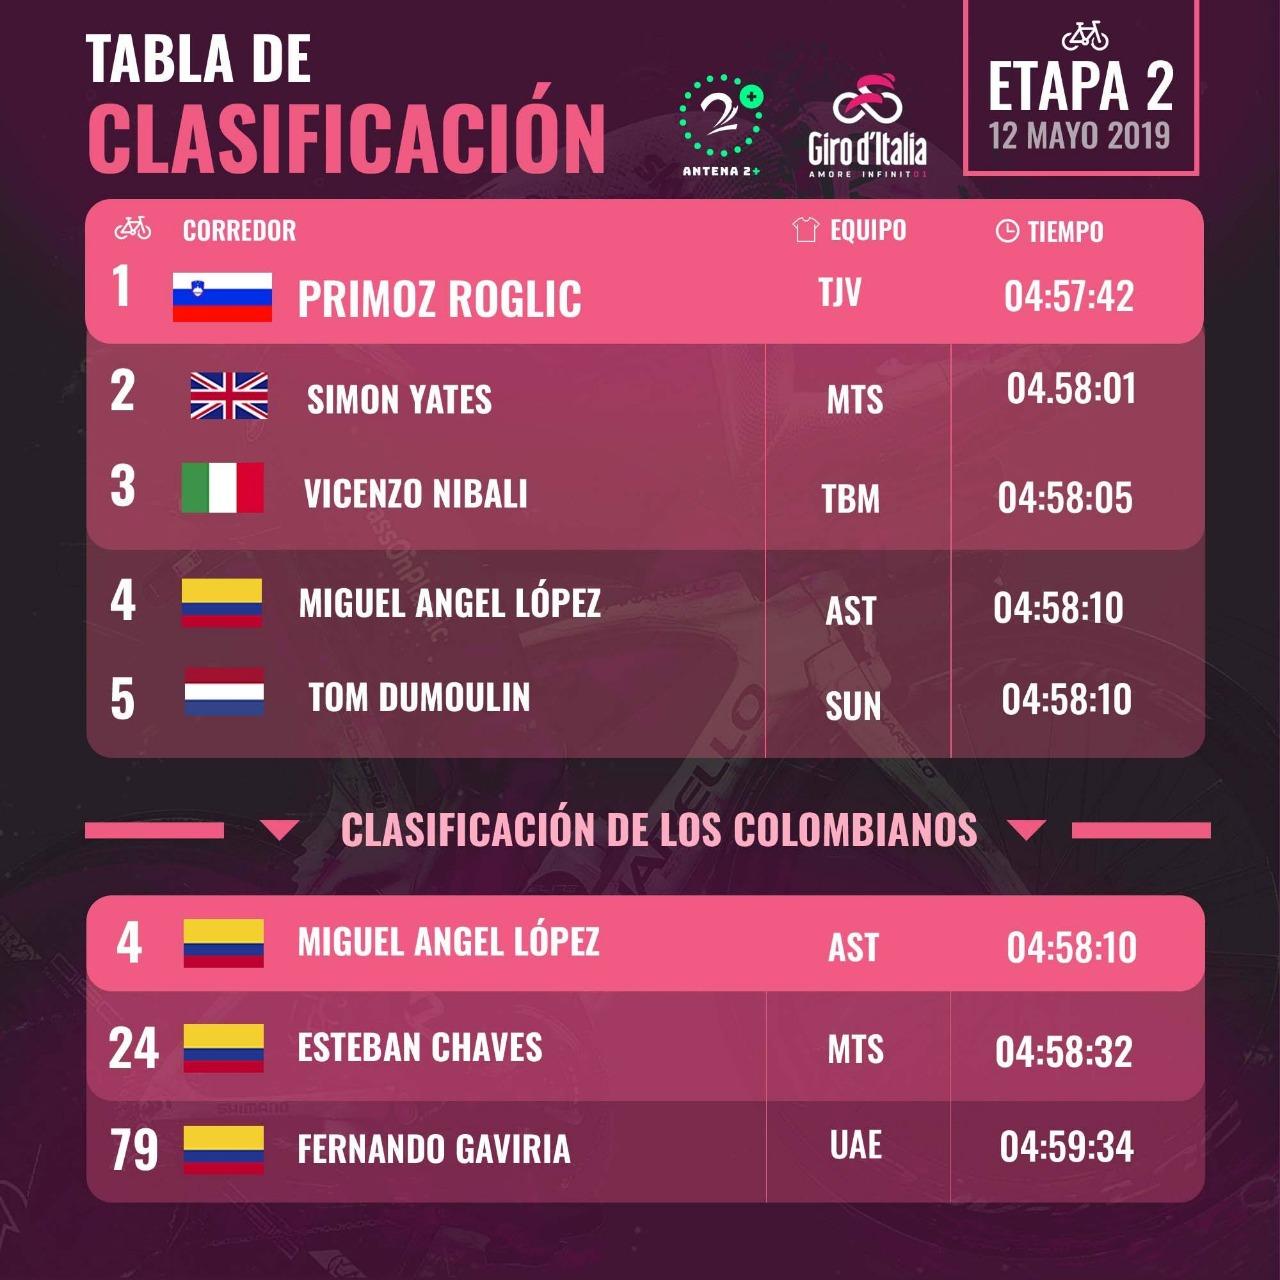 Clasificaciones tras la etapa 2 del Giro de Italia 2019